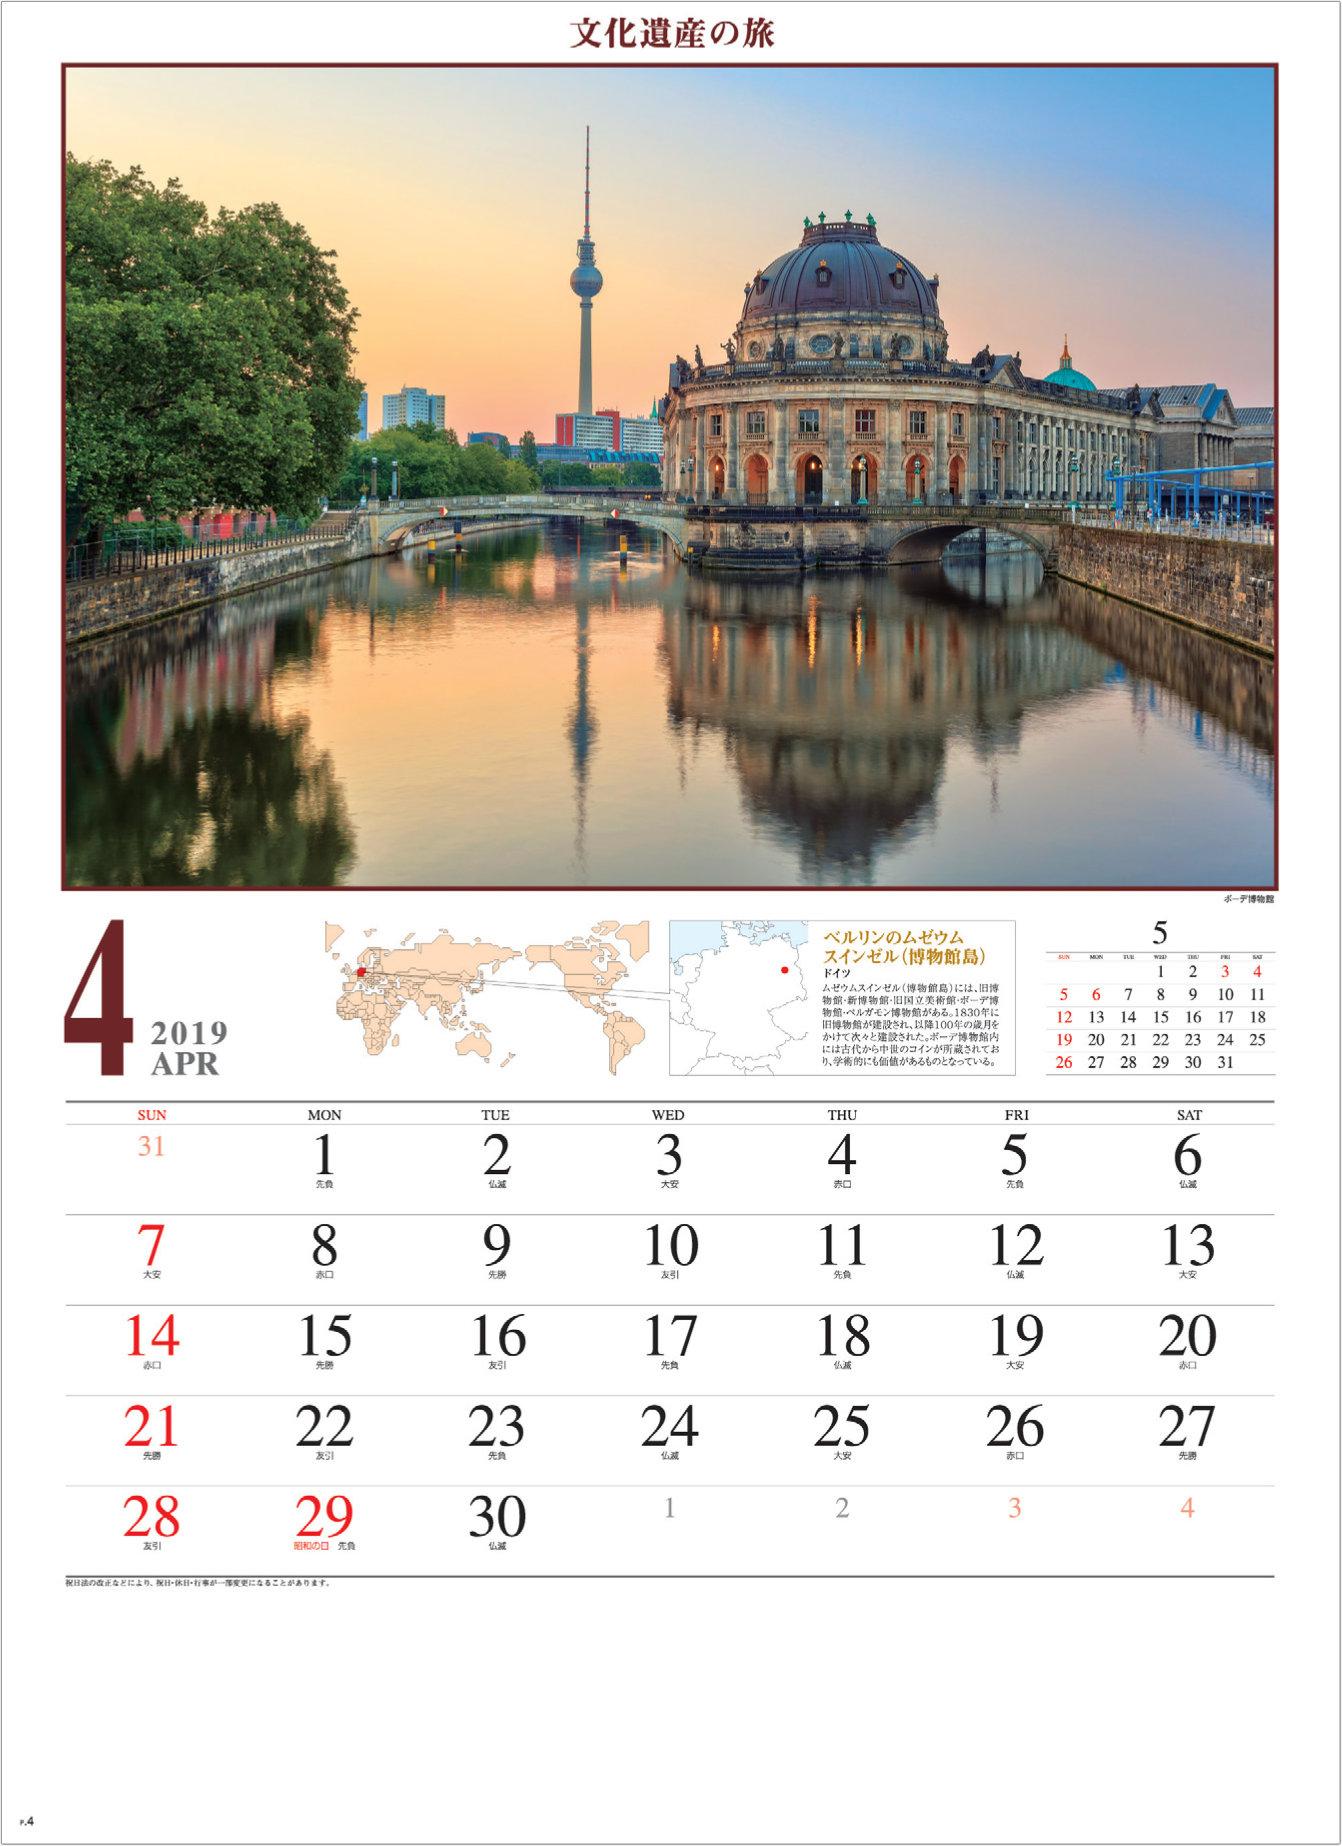 画像:ドイツの世界遺産 ボーデ博物館 文化遺産の旅(ユネスコ世界遺産) 2019年カレンダー